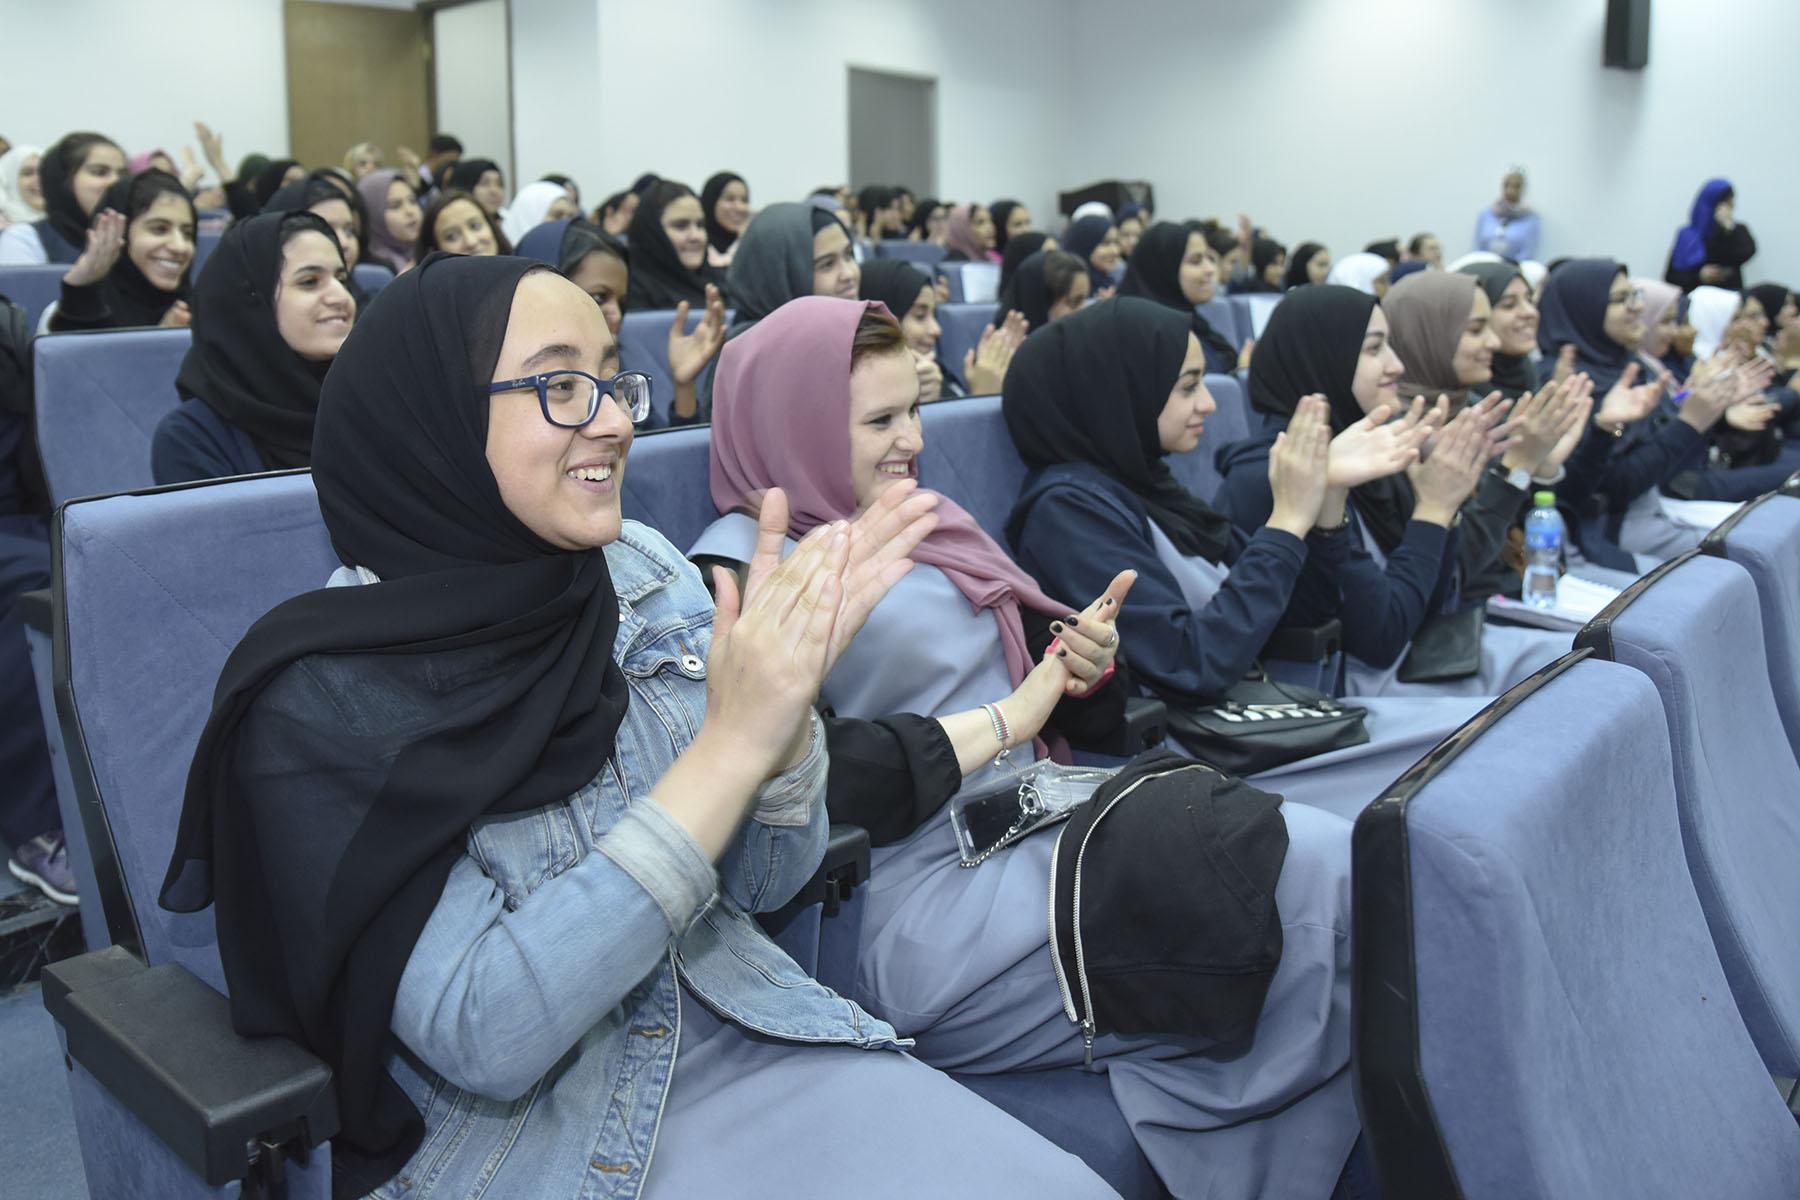 اليوم الثامن (مدرسة الإمارات الخاصة ضد المدرسة الدولية الخاصة)